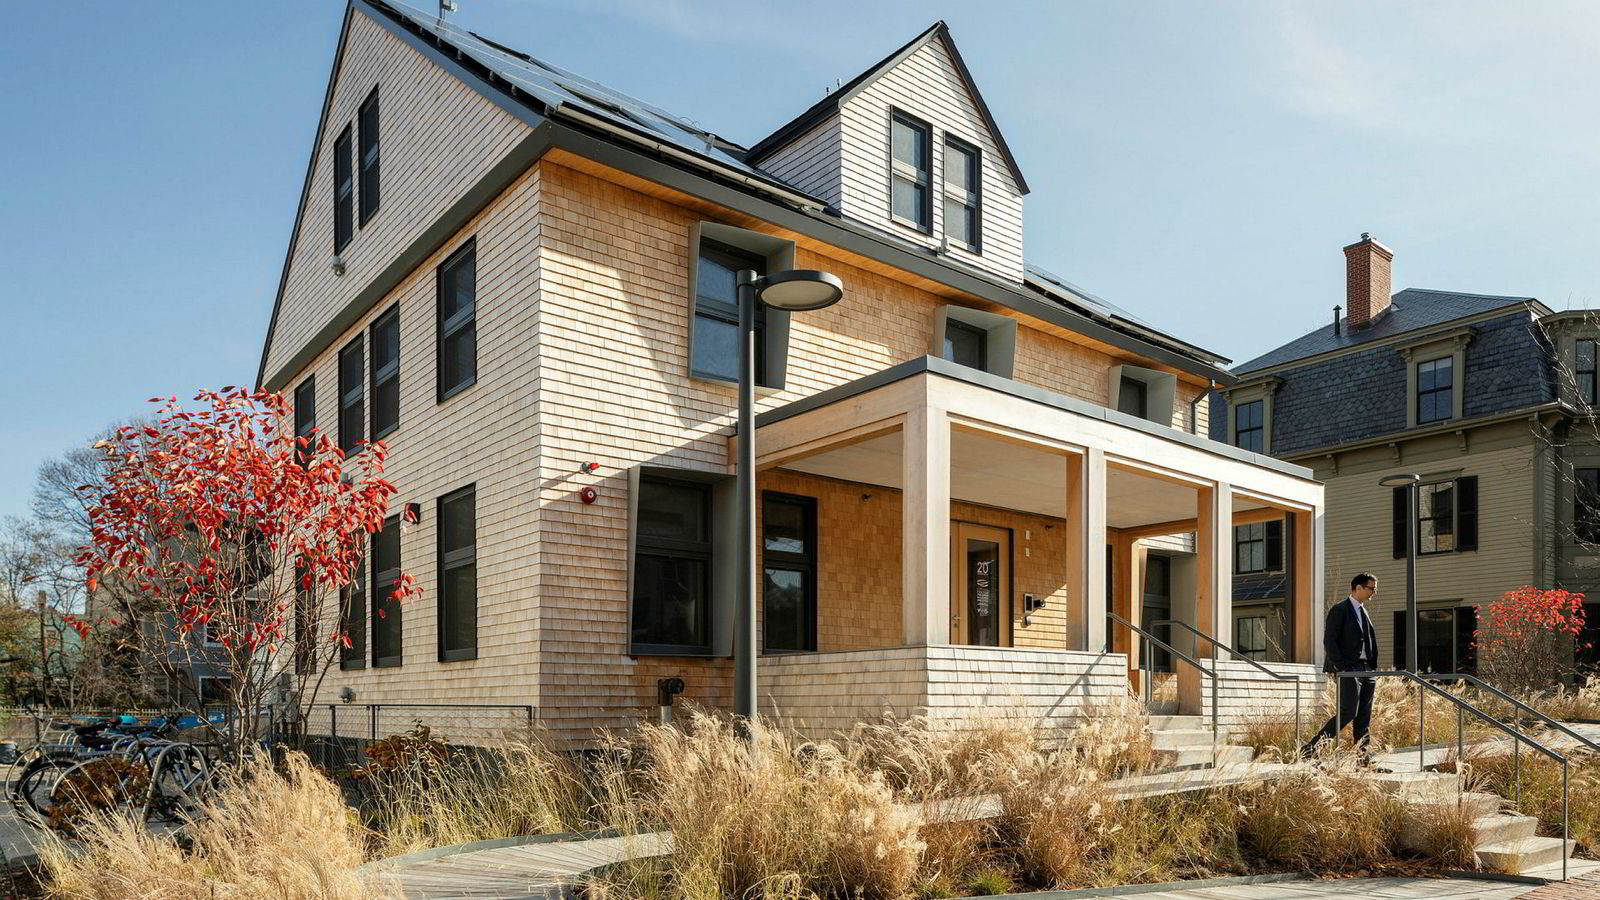 Snøhetta står bak arkitekturen på HouseZero. Energi- og klimakonsulenter har vært Skanska Teknikk, mens Brekke & Strand Akustikk har vært rådgivere på akustikk.